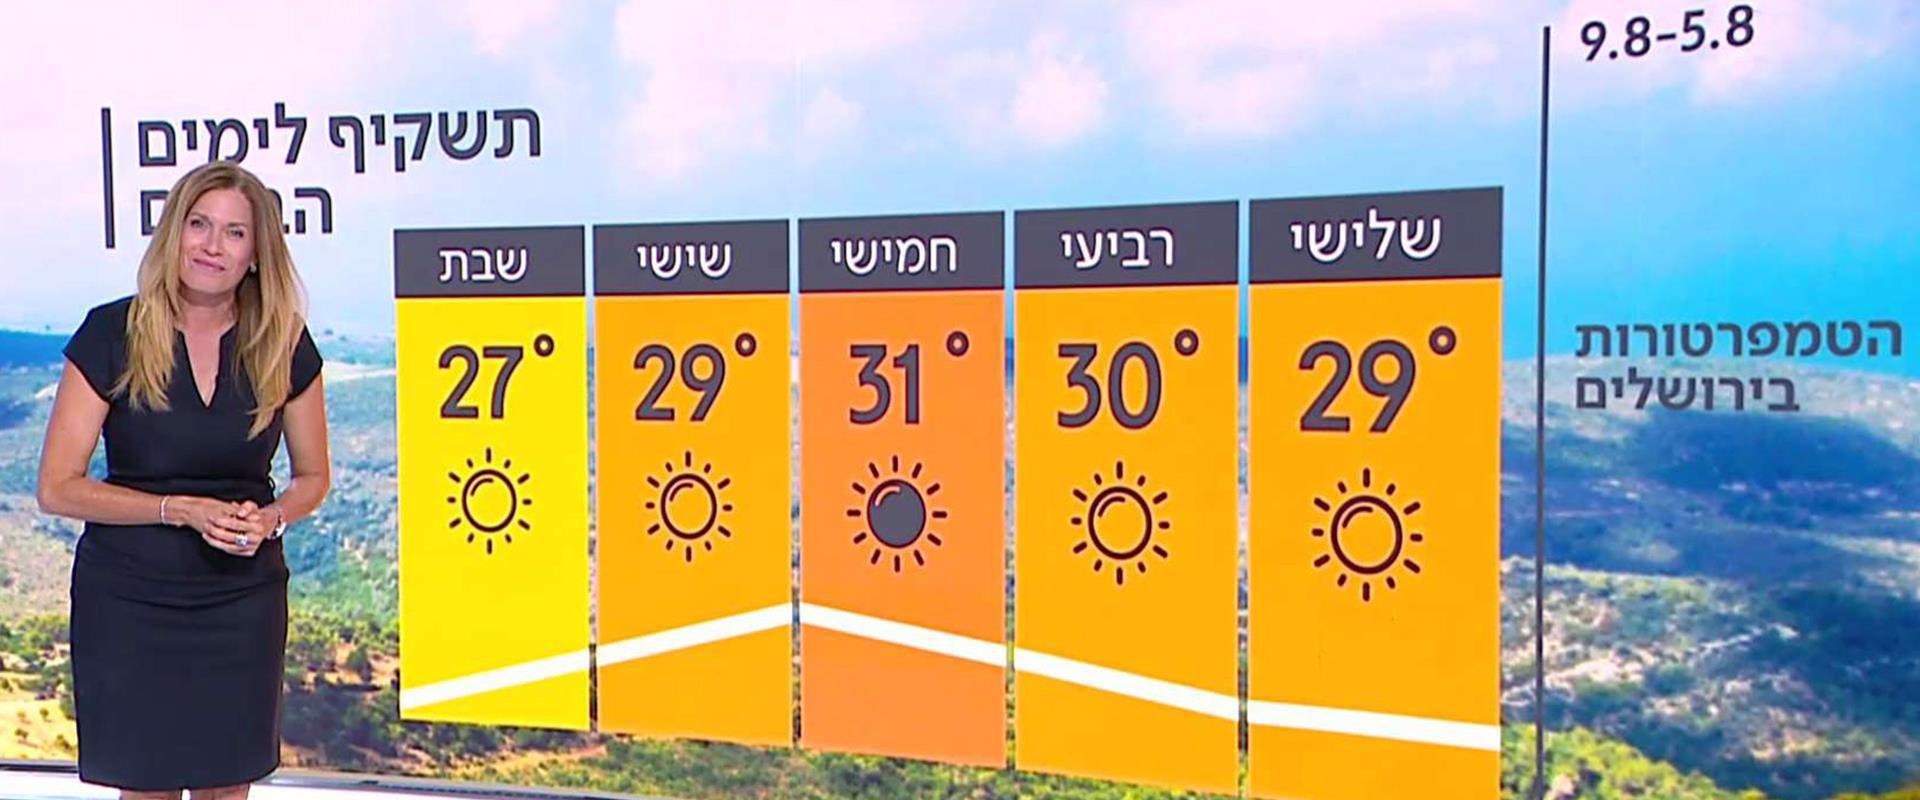 התחזית 04.08.20: ירידה קלה בטמפרטורות